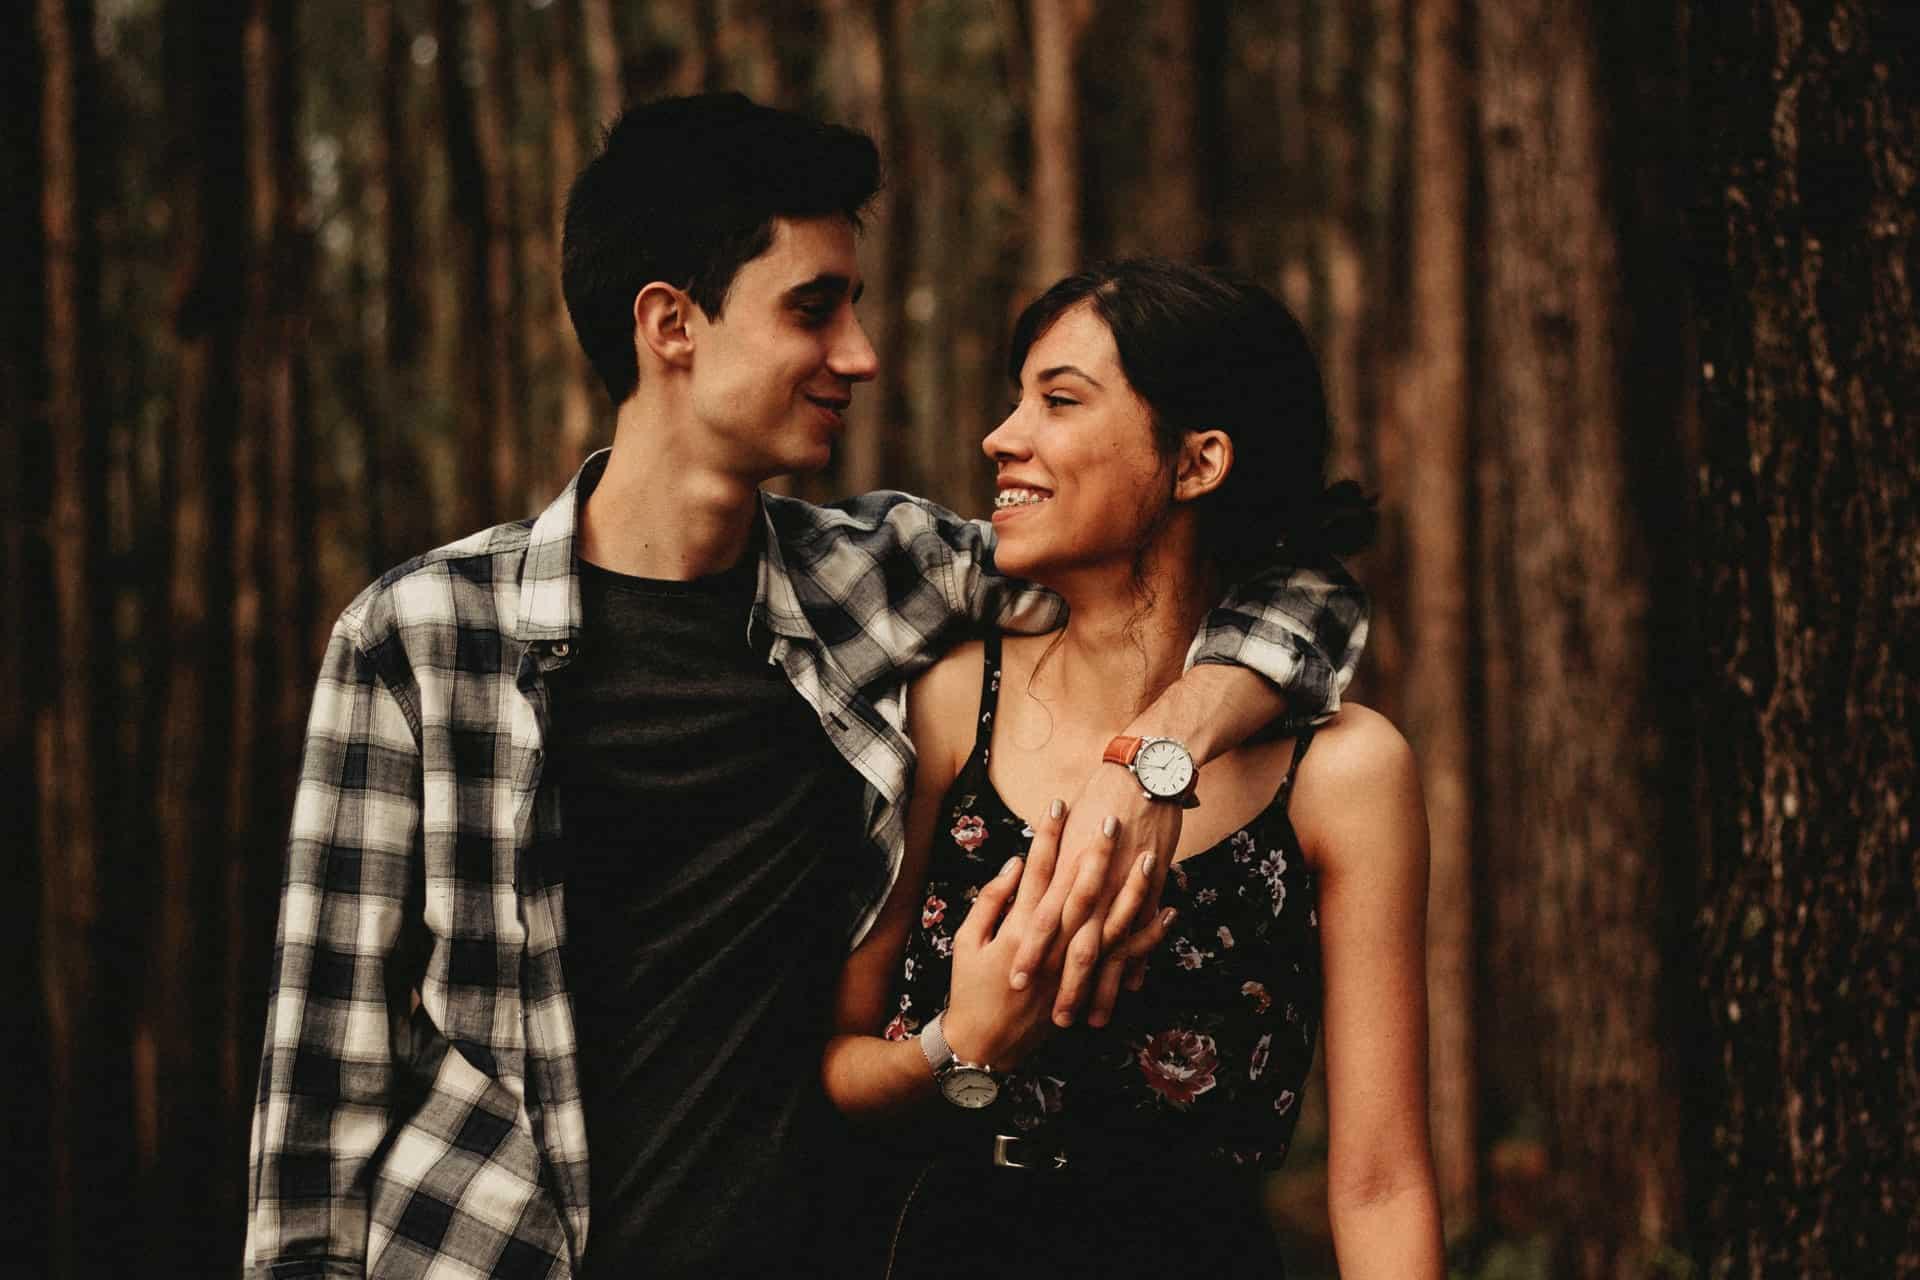 l'homme regarde la femme et la serre dans ses bras